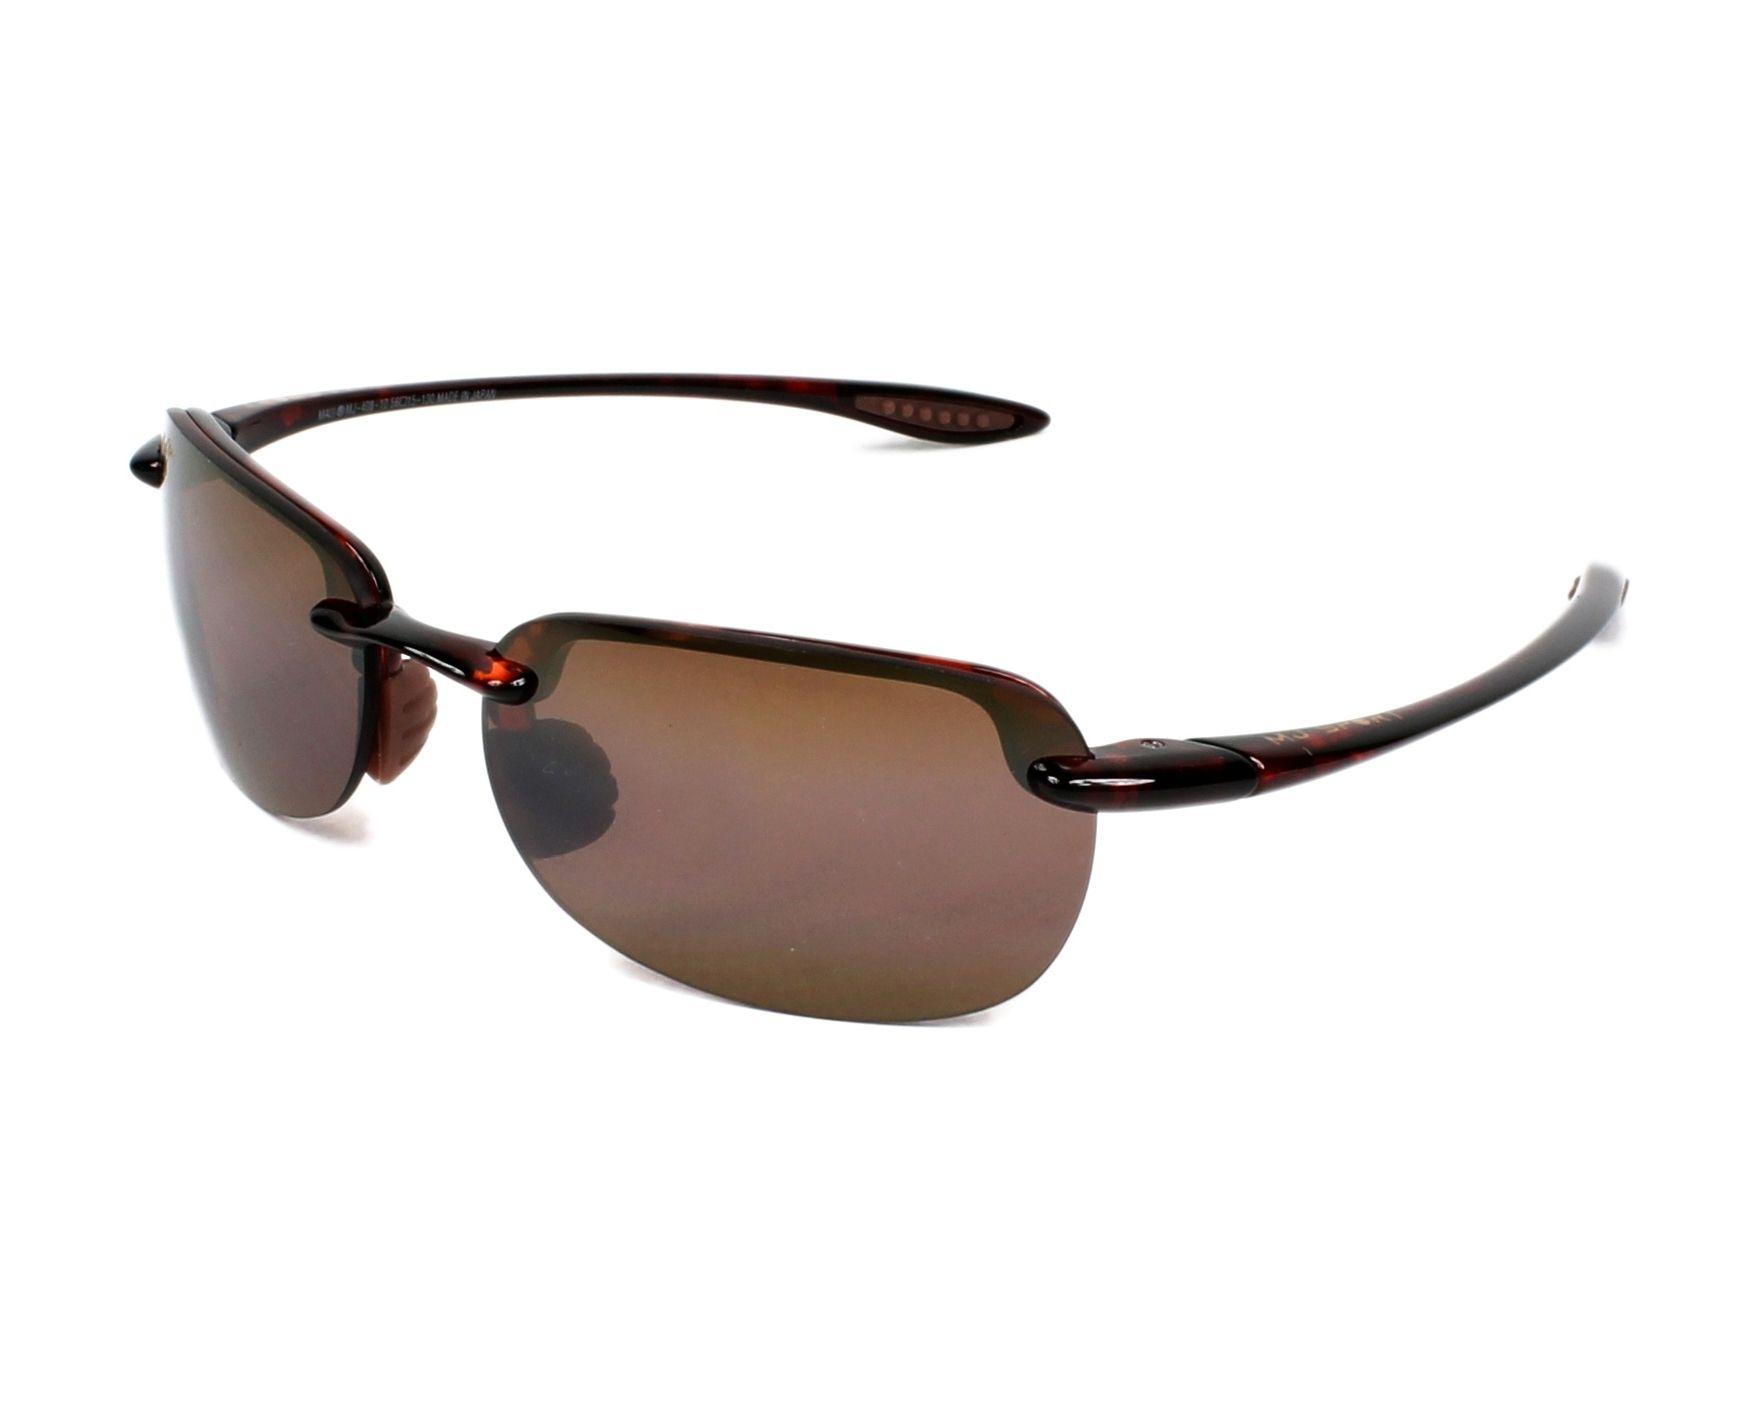 877a50276a Gafas de sol Maui Jim H-408 10 56-15 Havana vista de perfil